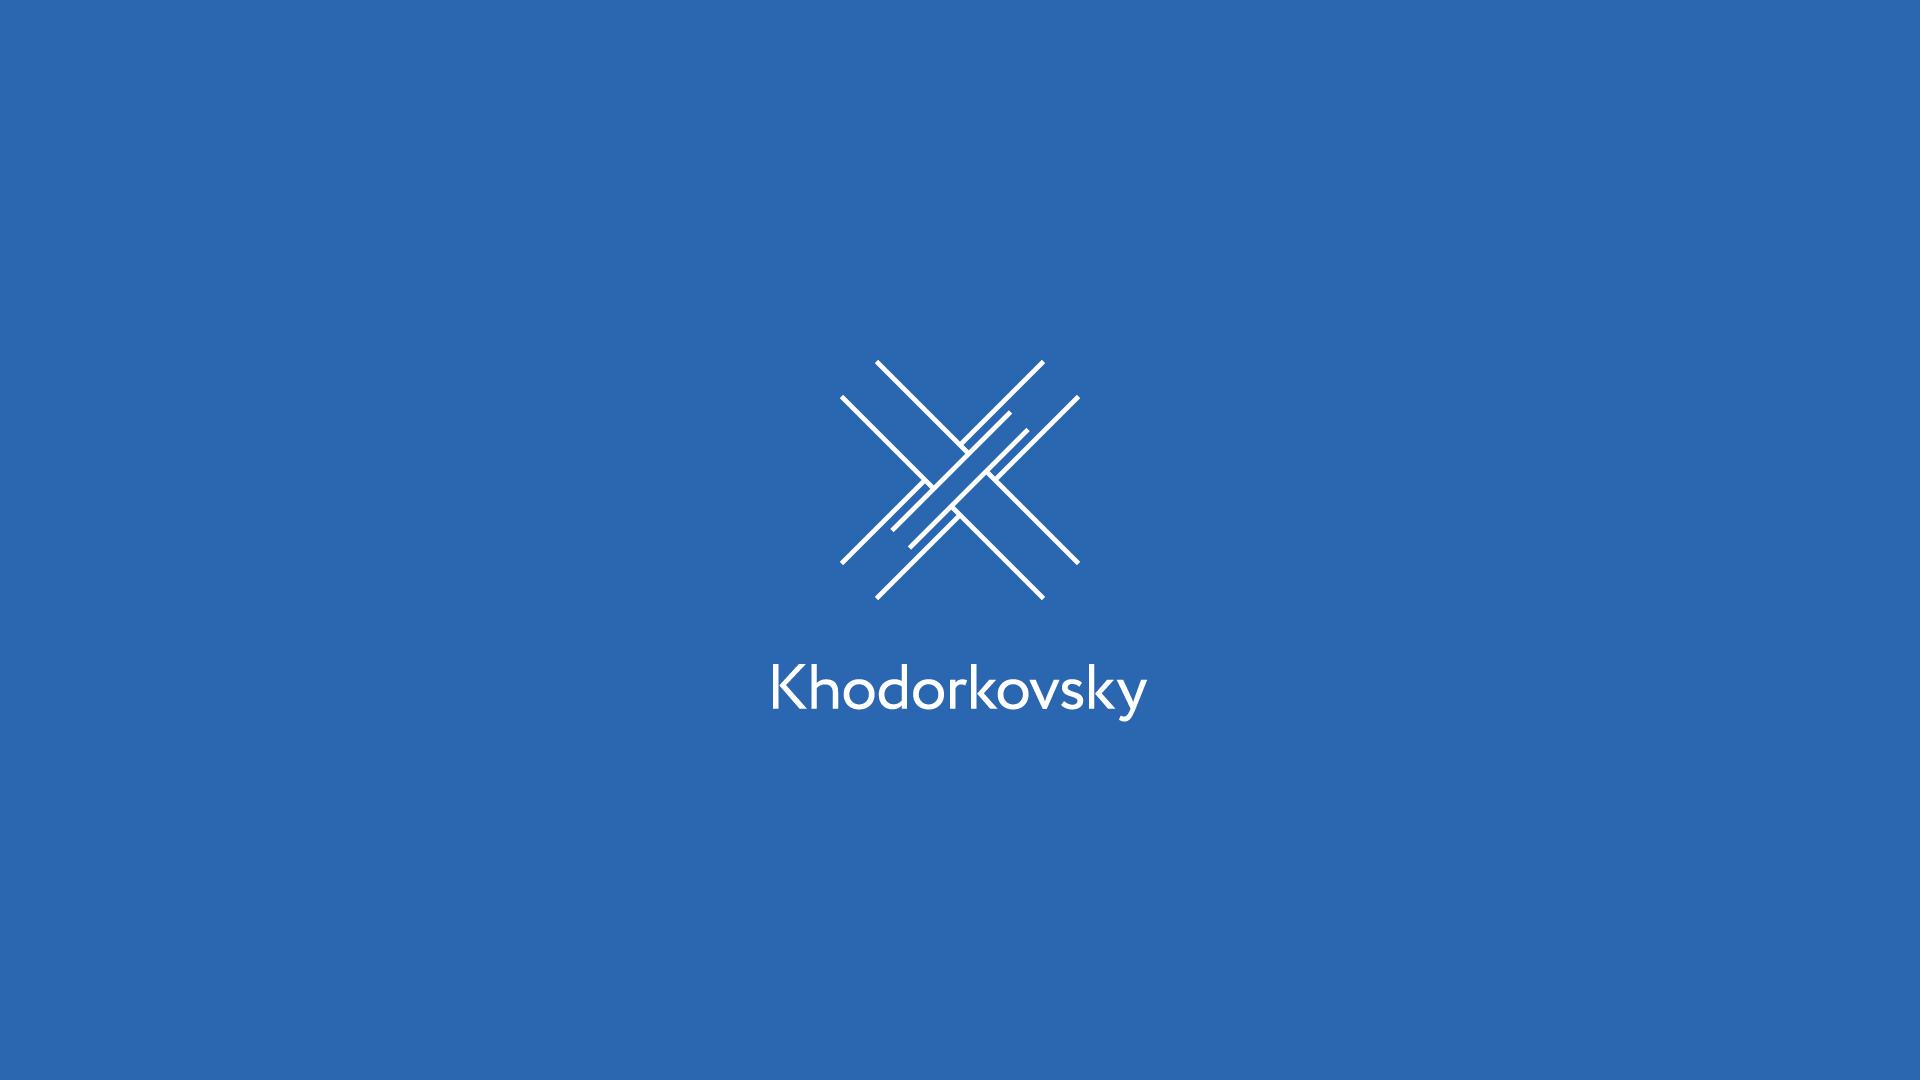 MBK khodorkovsky logo